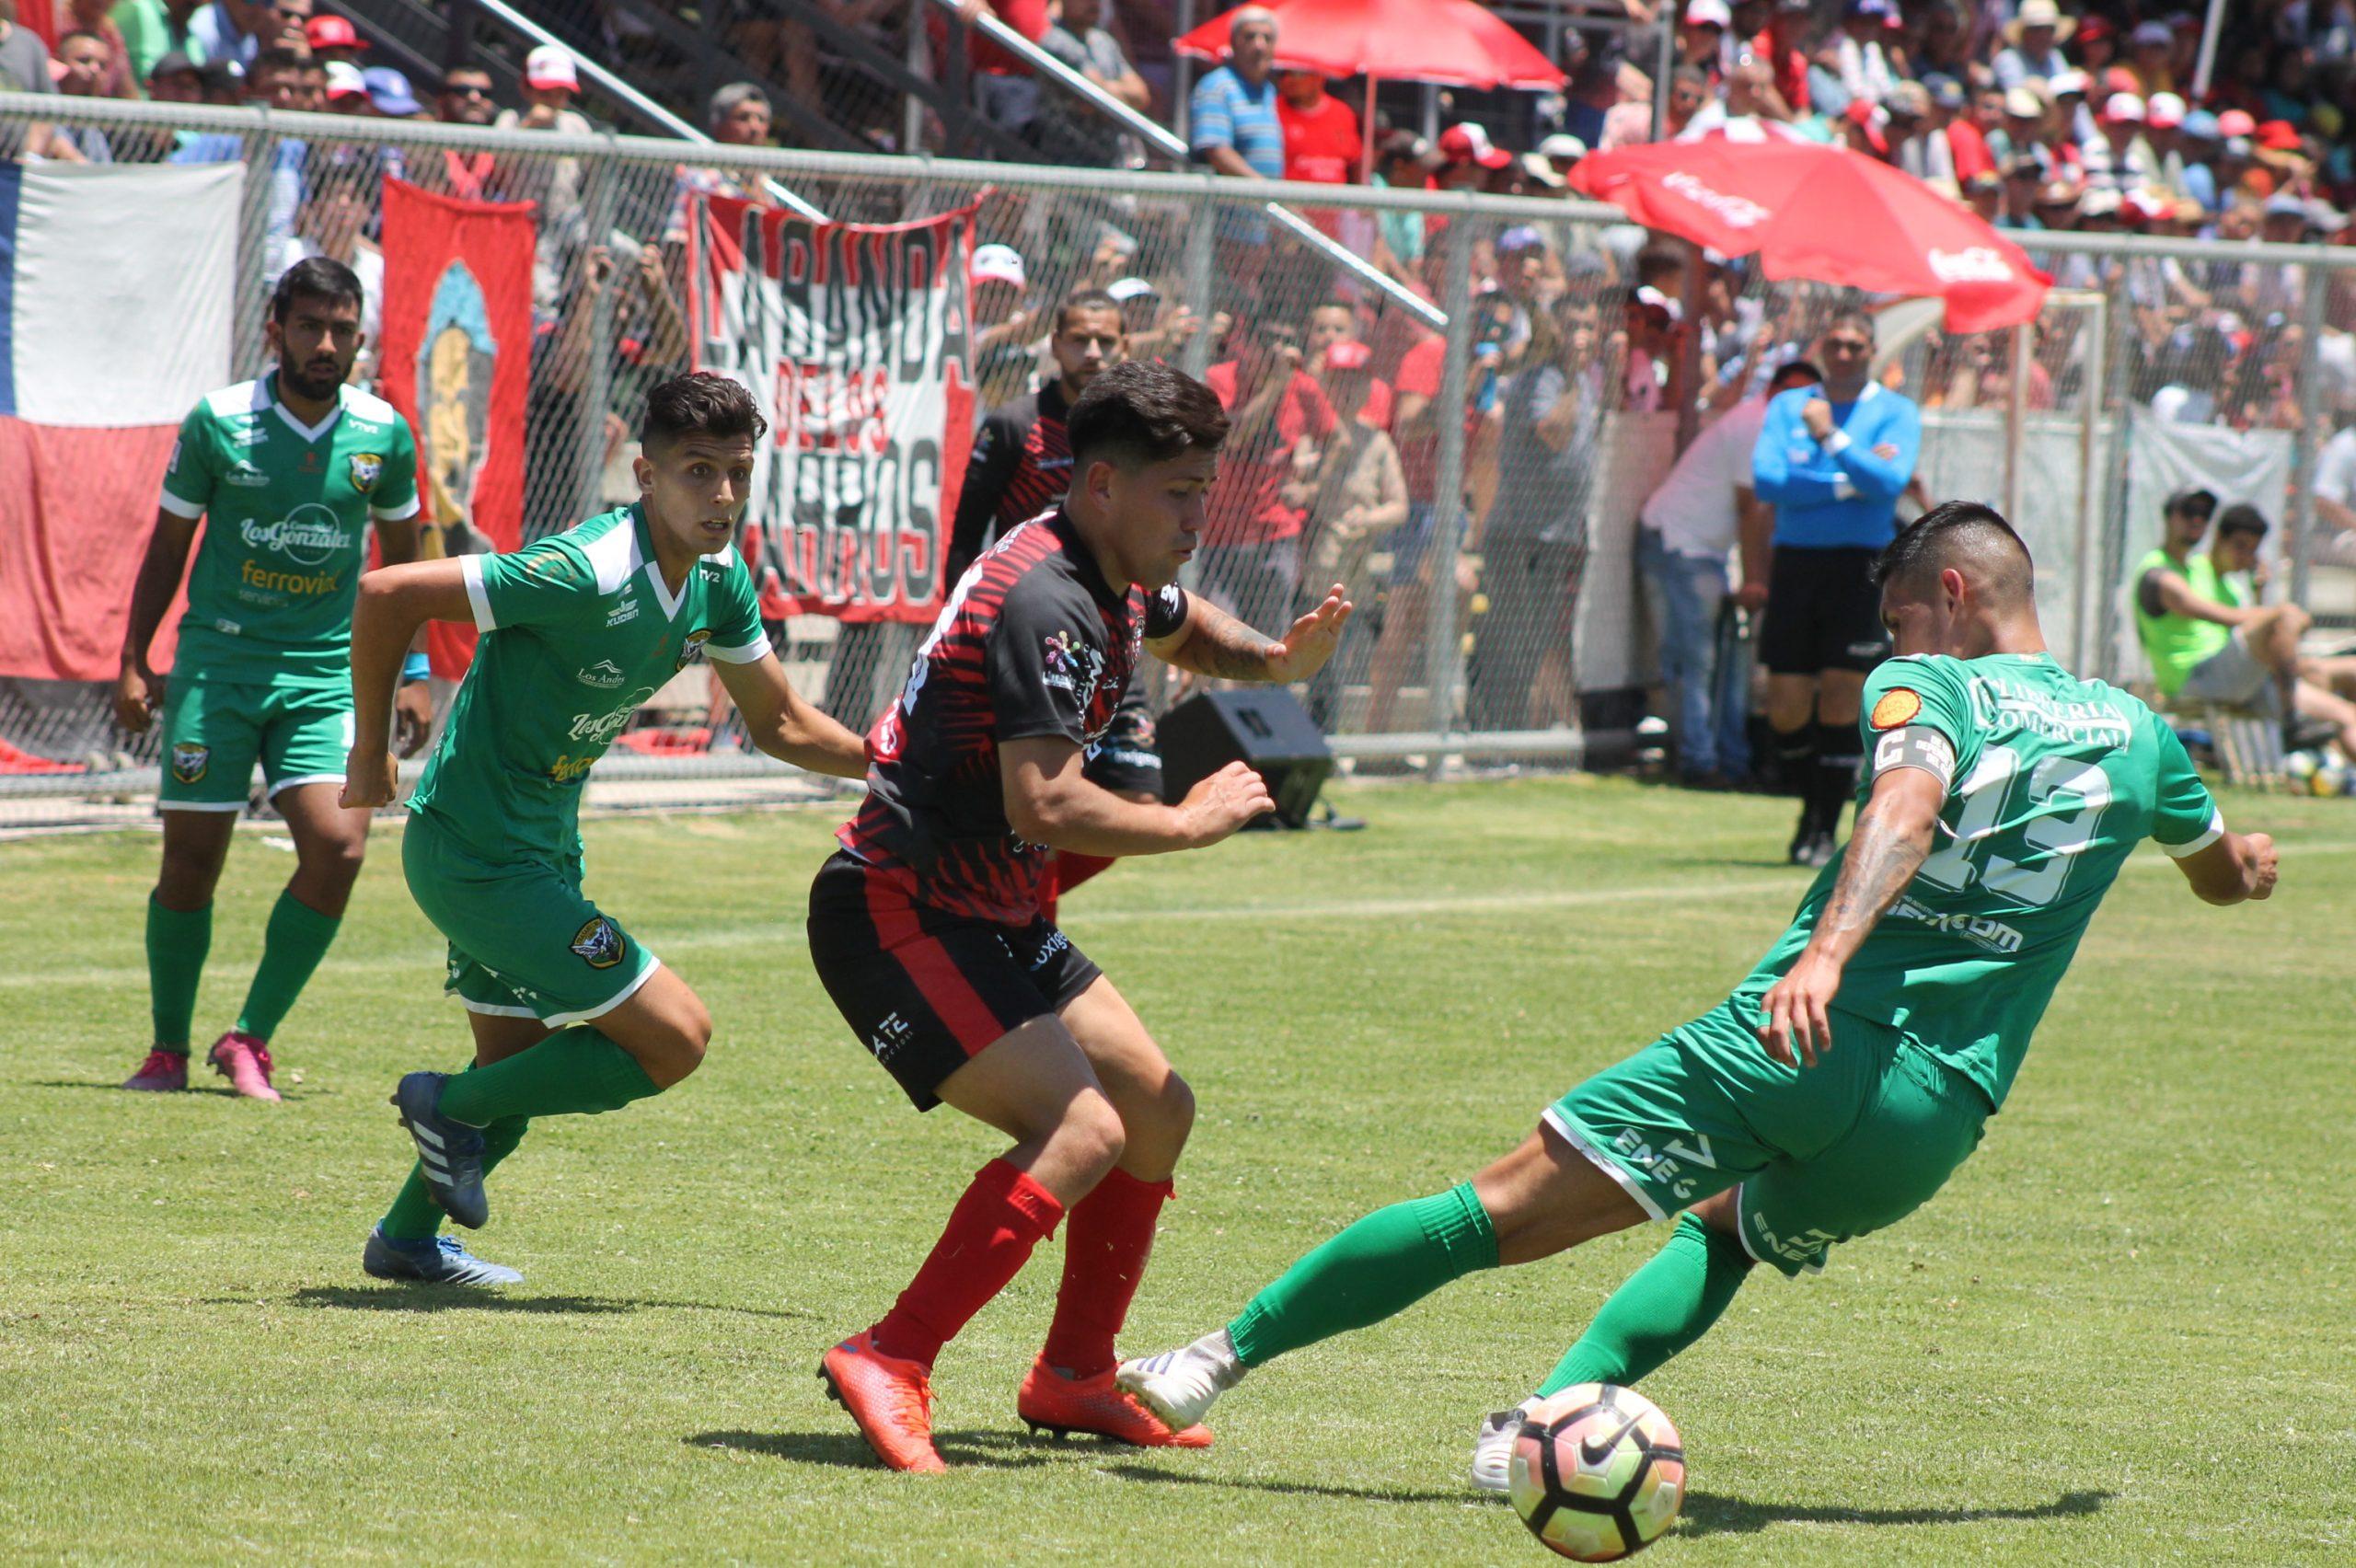 Galería de fotos: Deportes Limache vs Trasandino